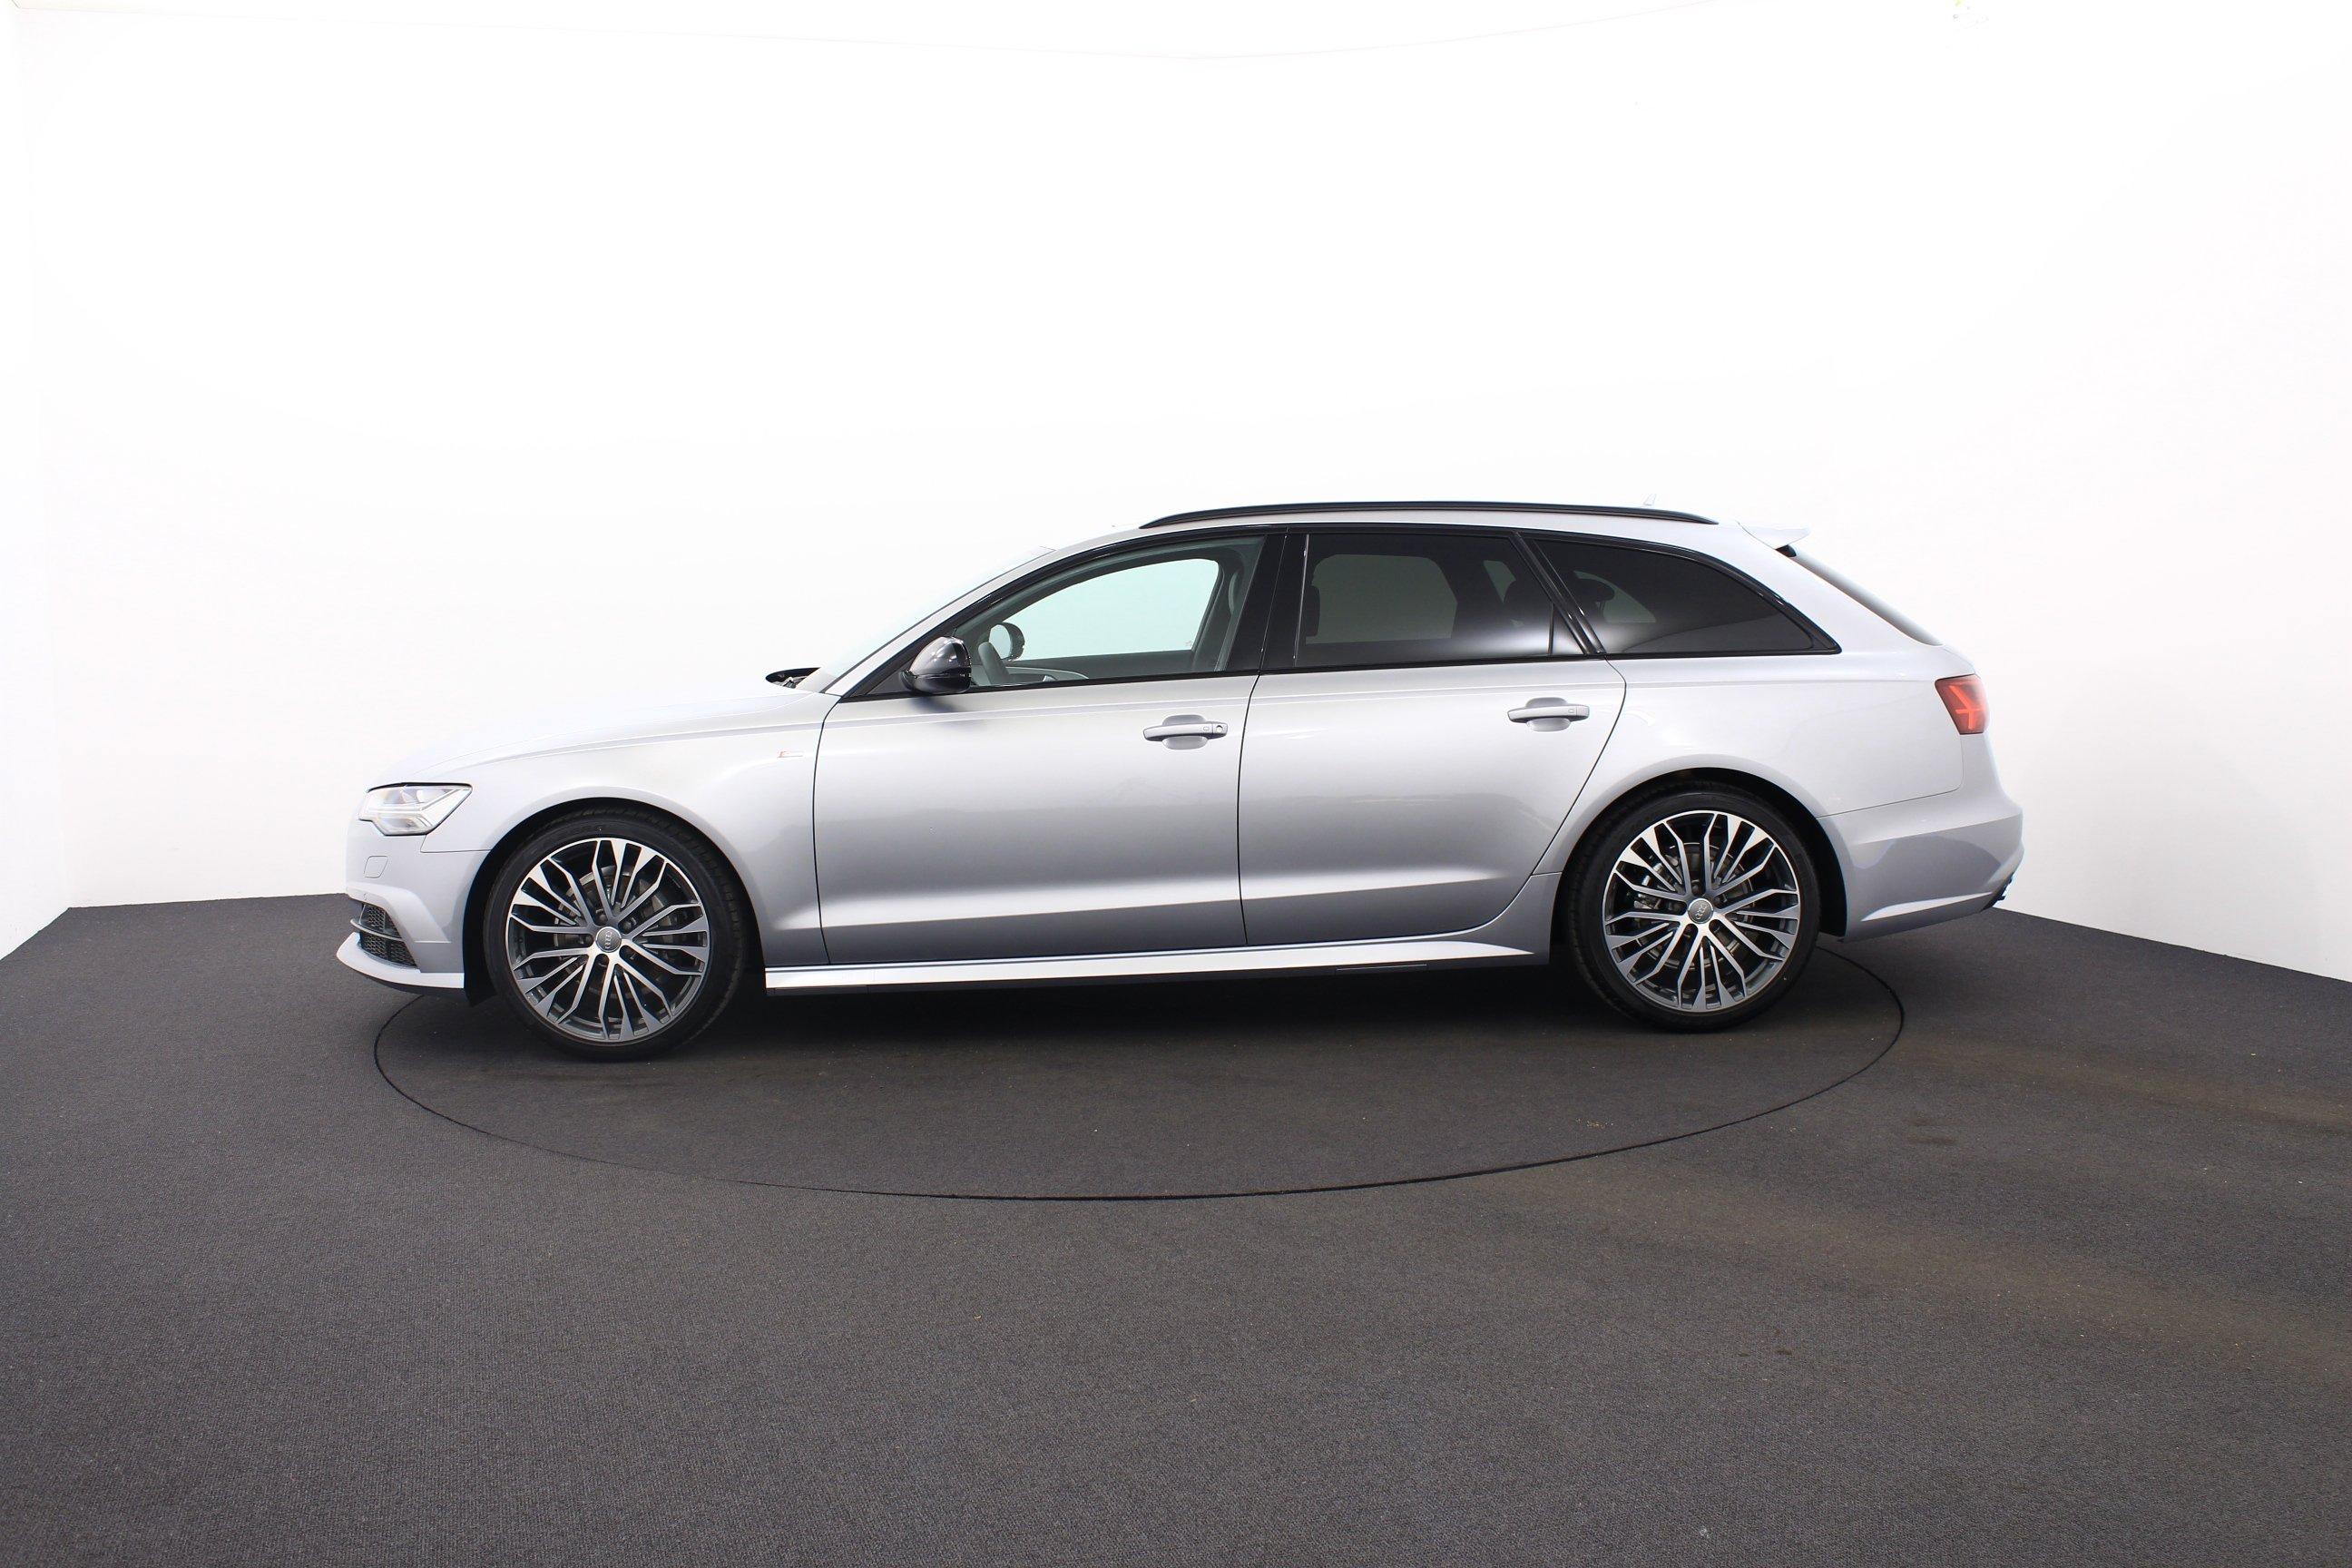 Audi A6 Avant S Line Sport Edition Gt Centracar